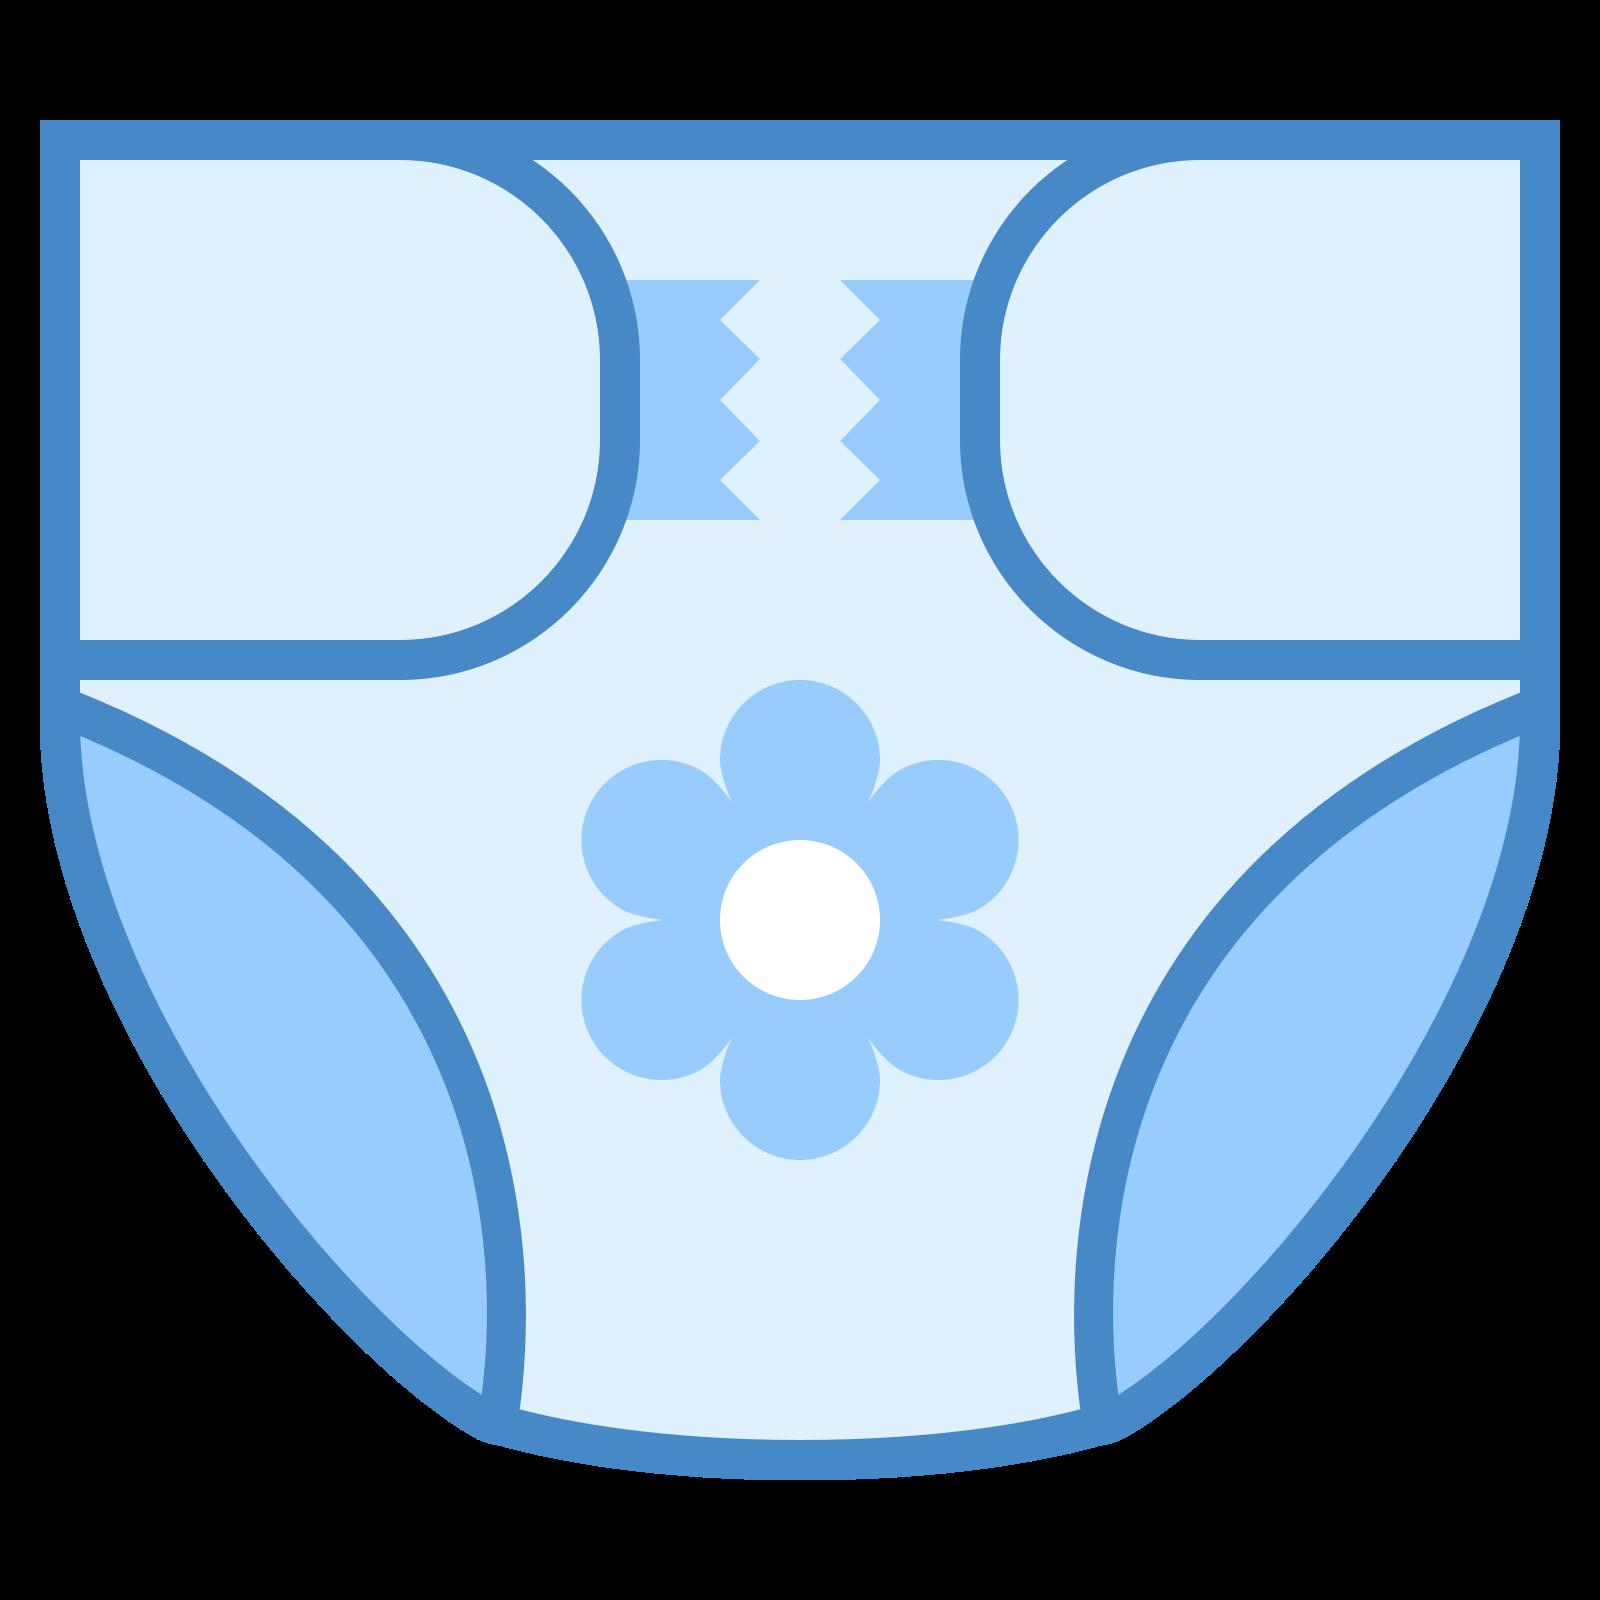 おむつ icon